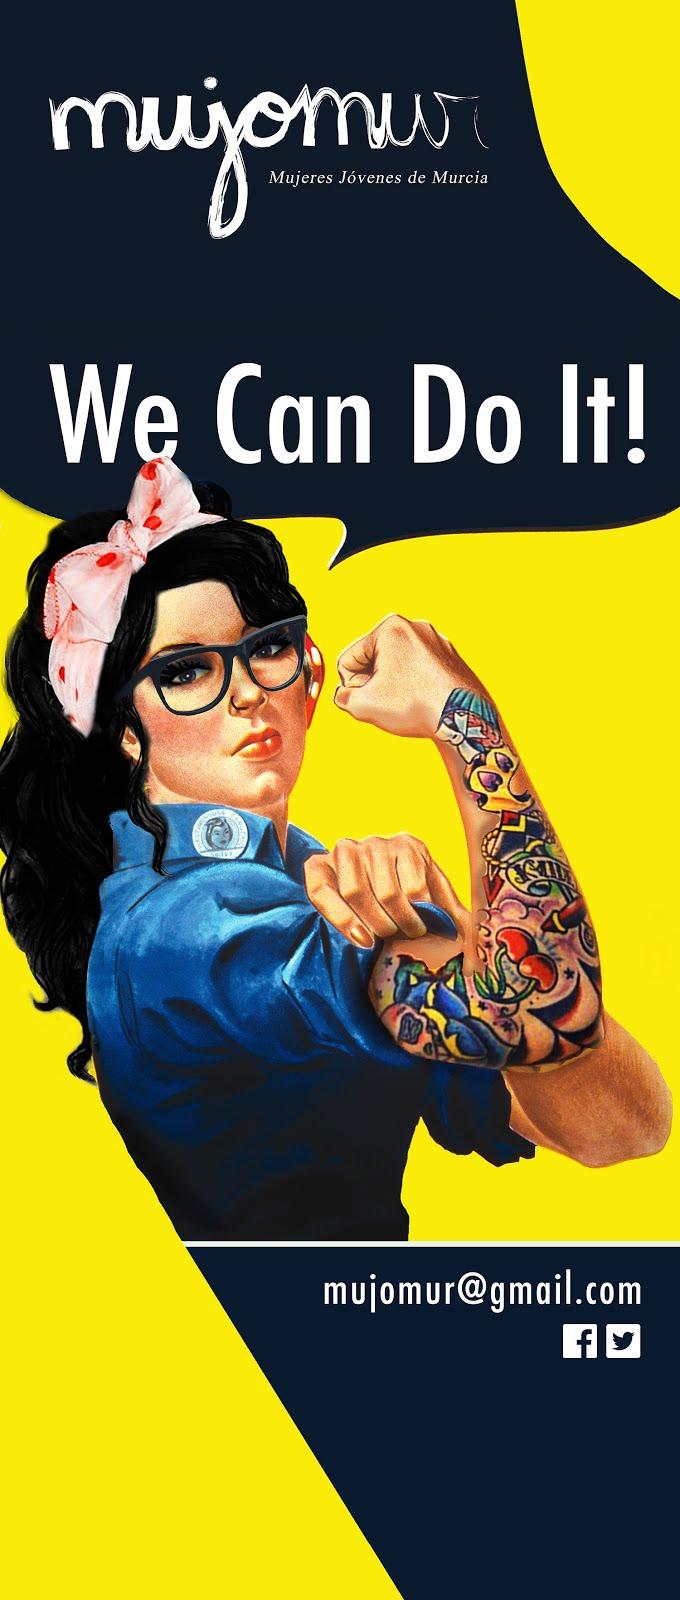 ¡Mujeres jóvenes en movimiento!